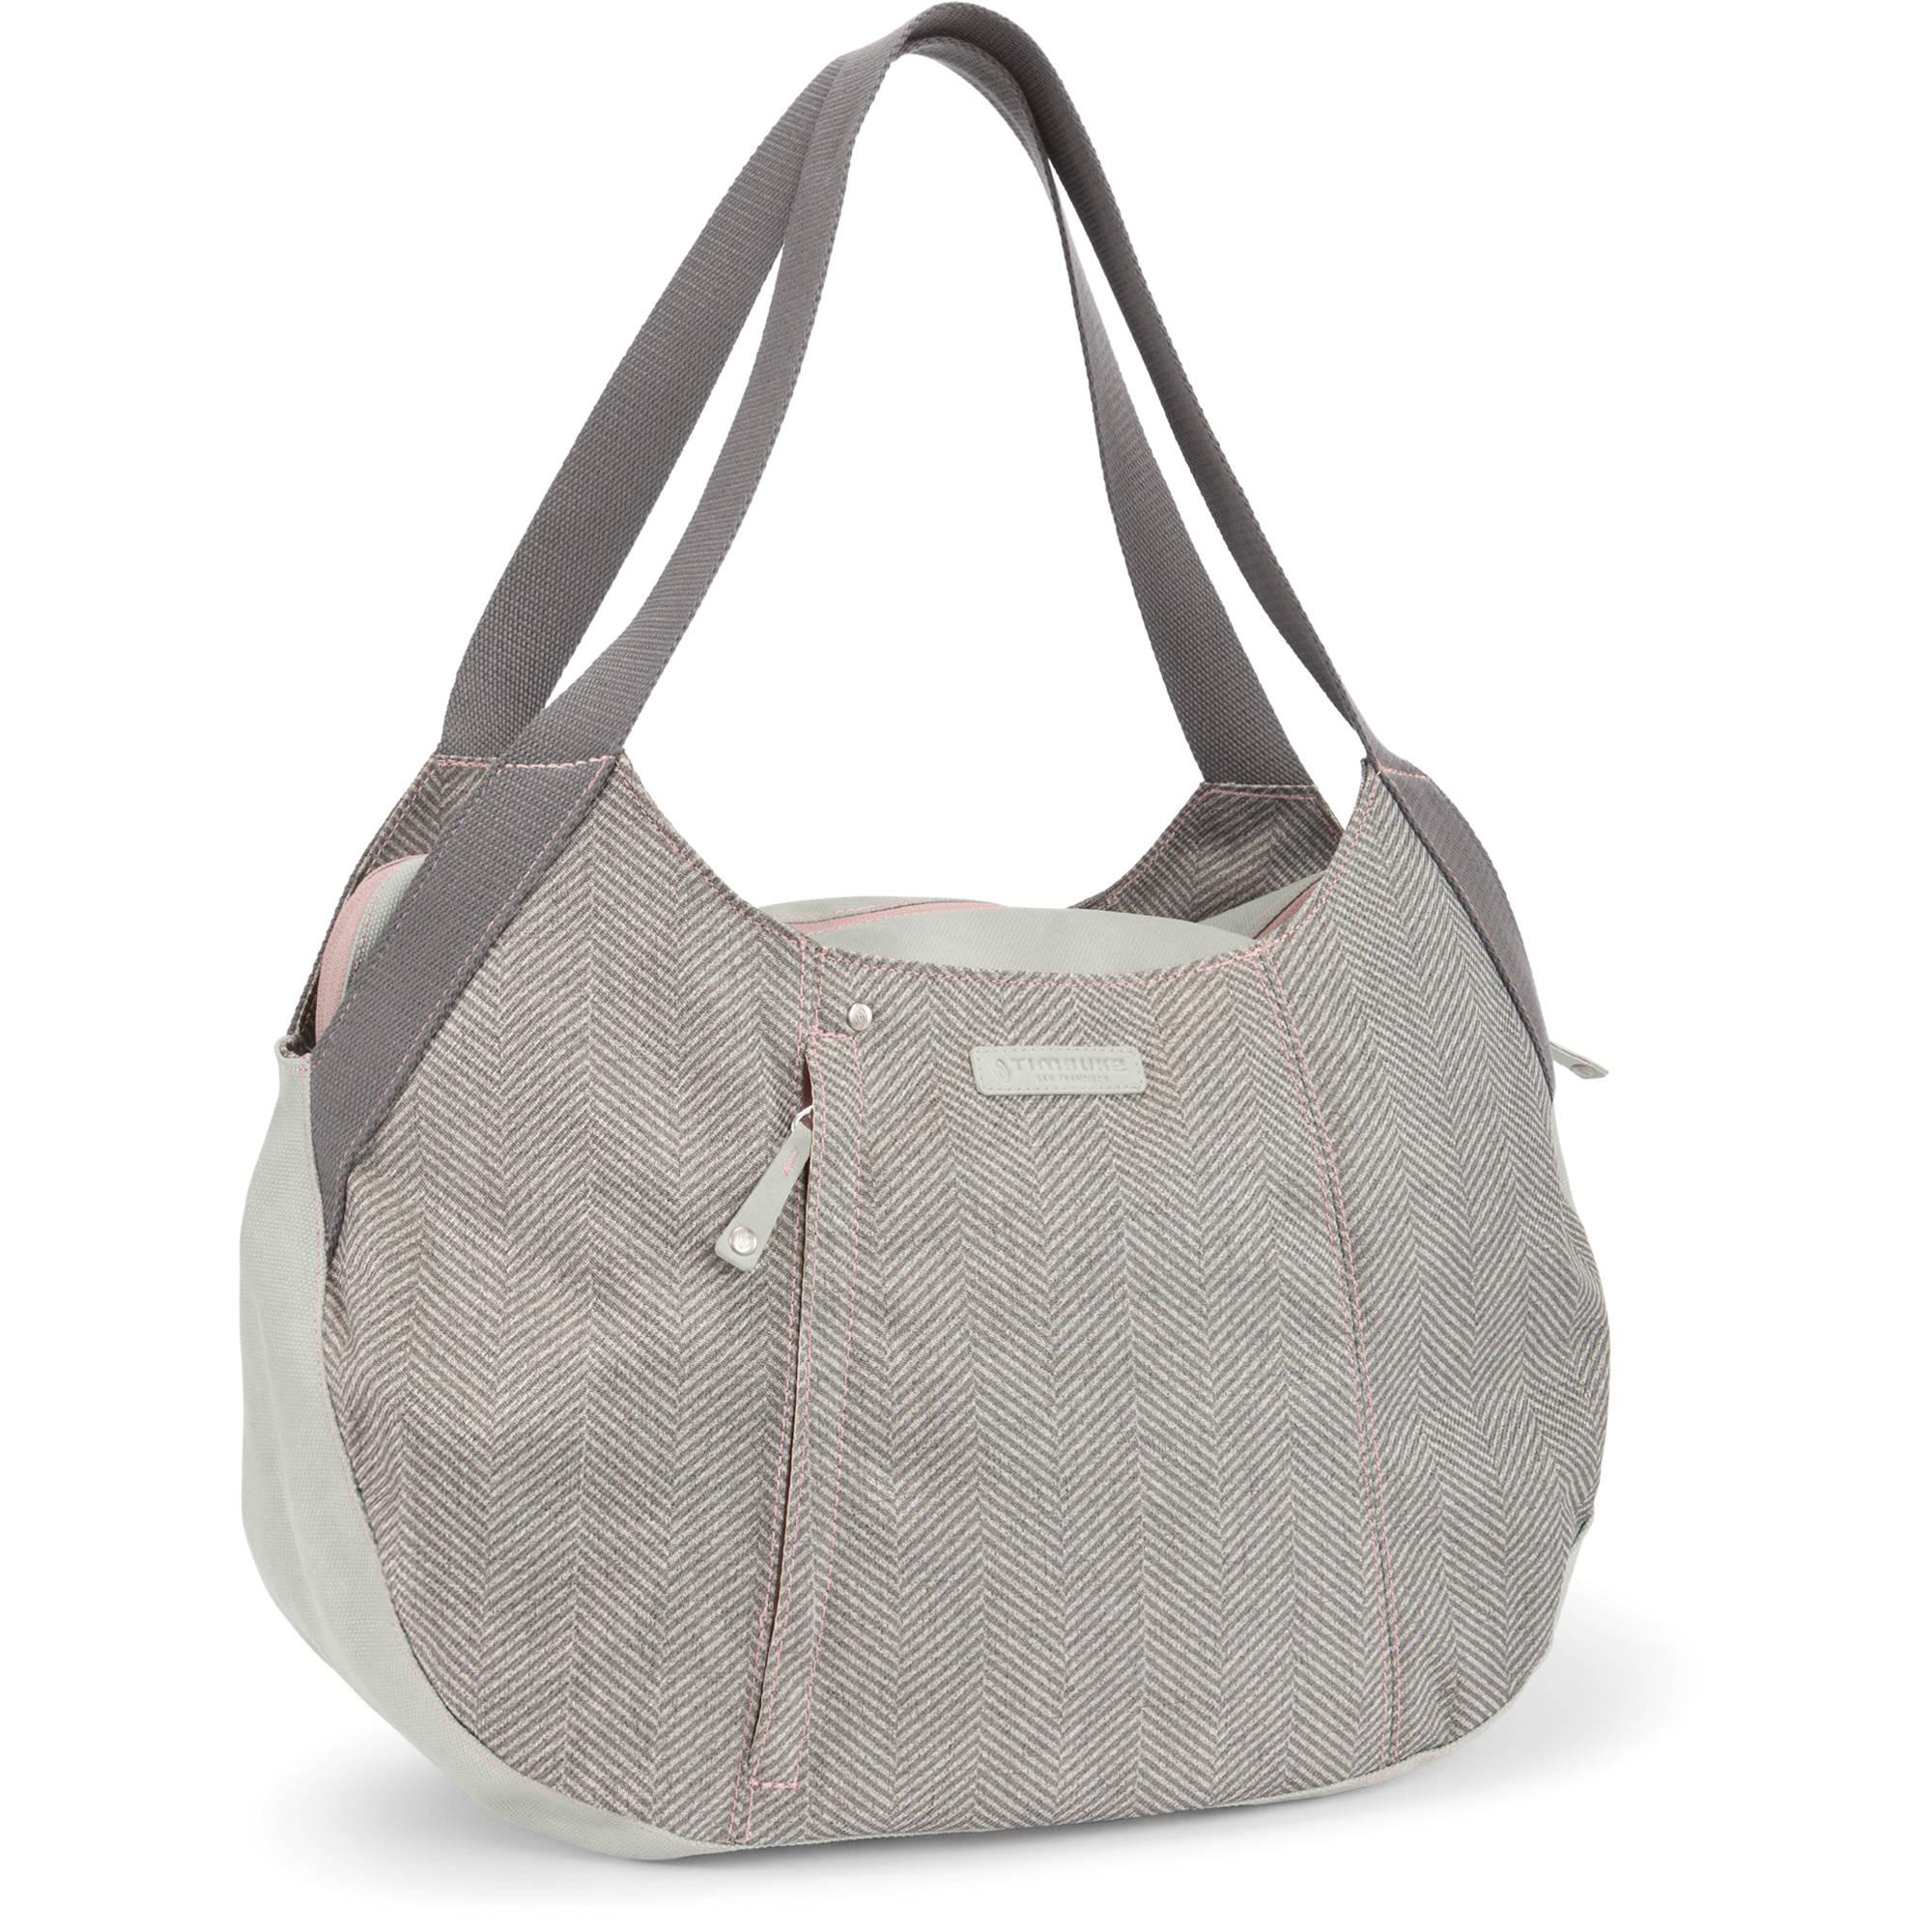 Timbuk2 Scrunchie Yoga Tote Bag Granite